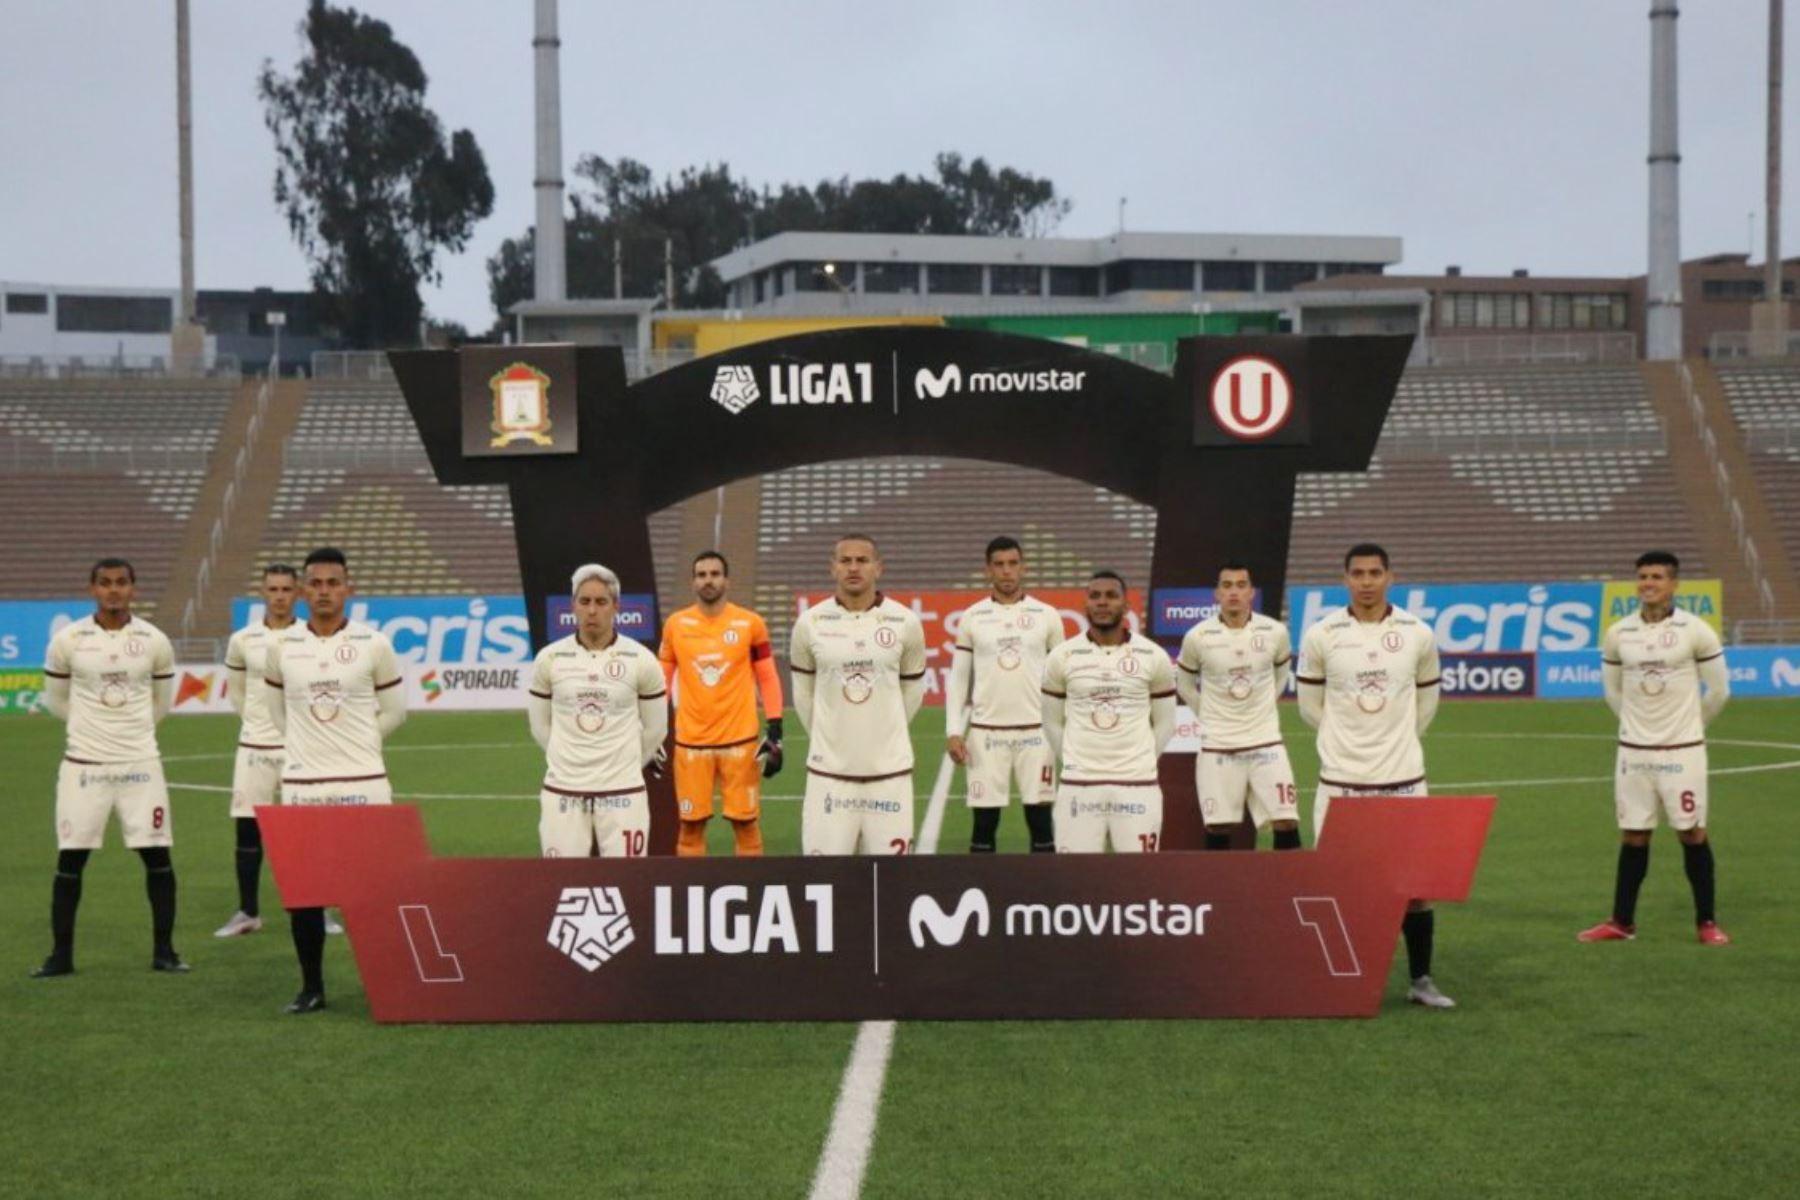 Universitario se enfrenta al club FC Ayacucho por la jornada 12 de la Liga 1 que se disputa en el estadio en el estadio San Marcos. Foto: @LigaFutProf